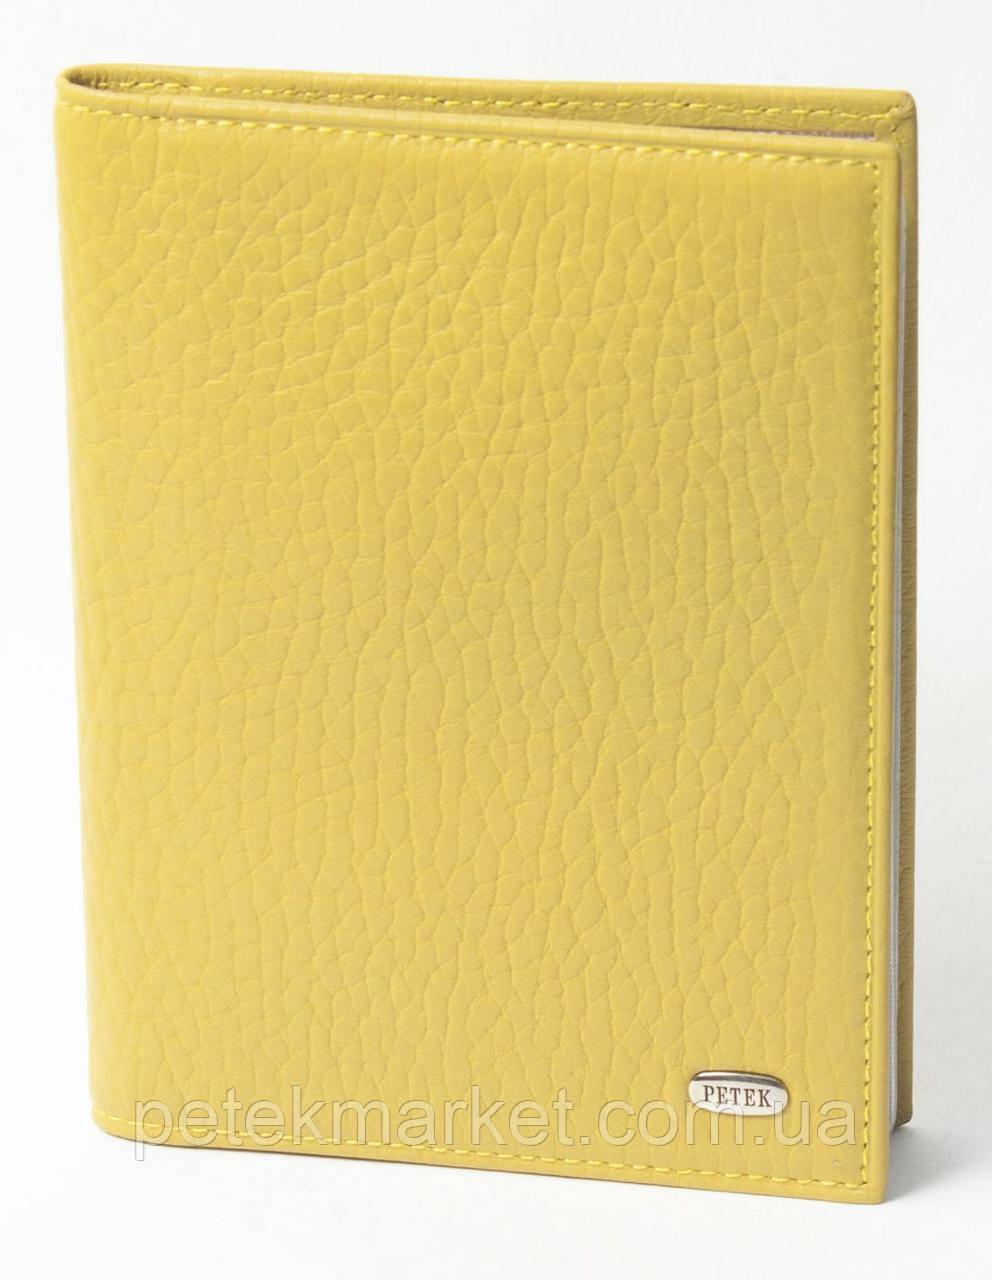 Обложка для прав PETEK 584 Жёлтый (584-46BD-14)